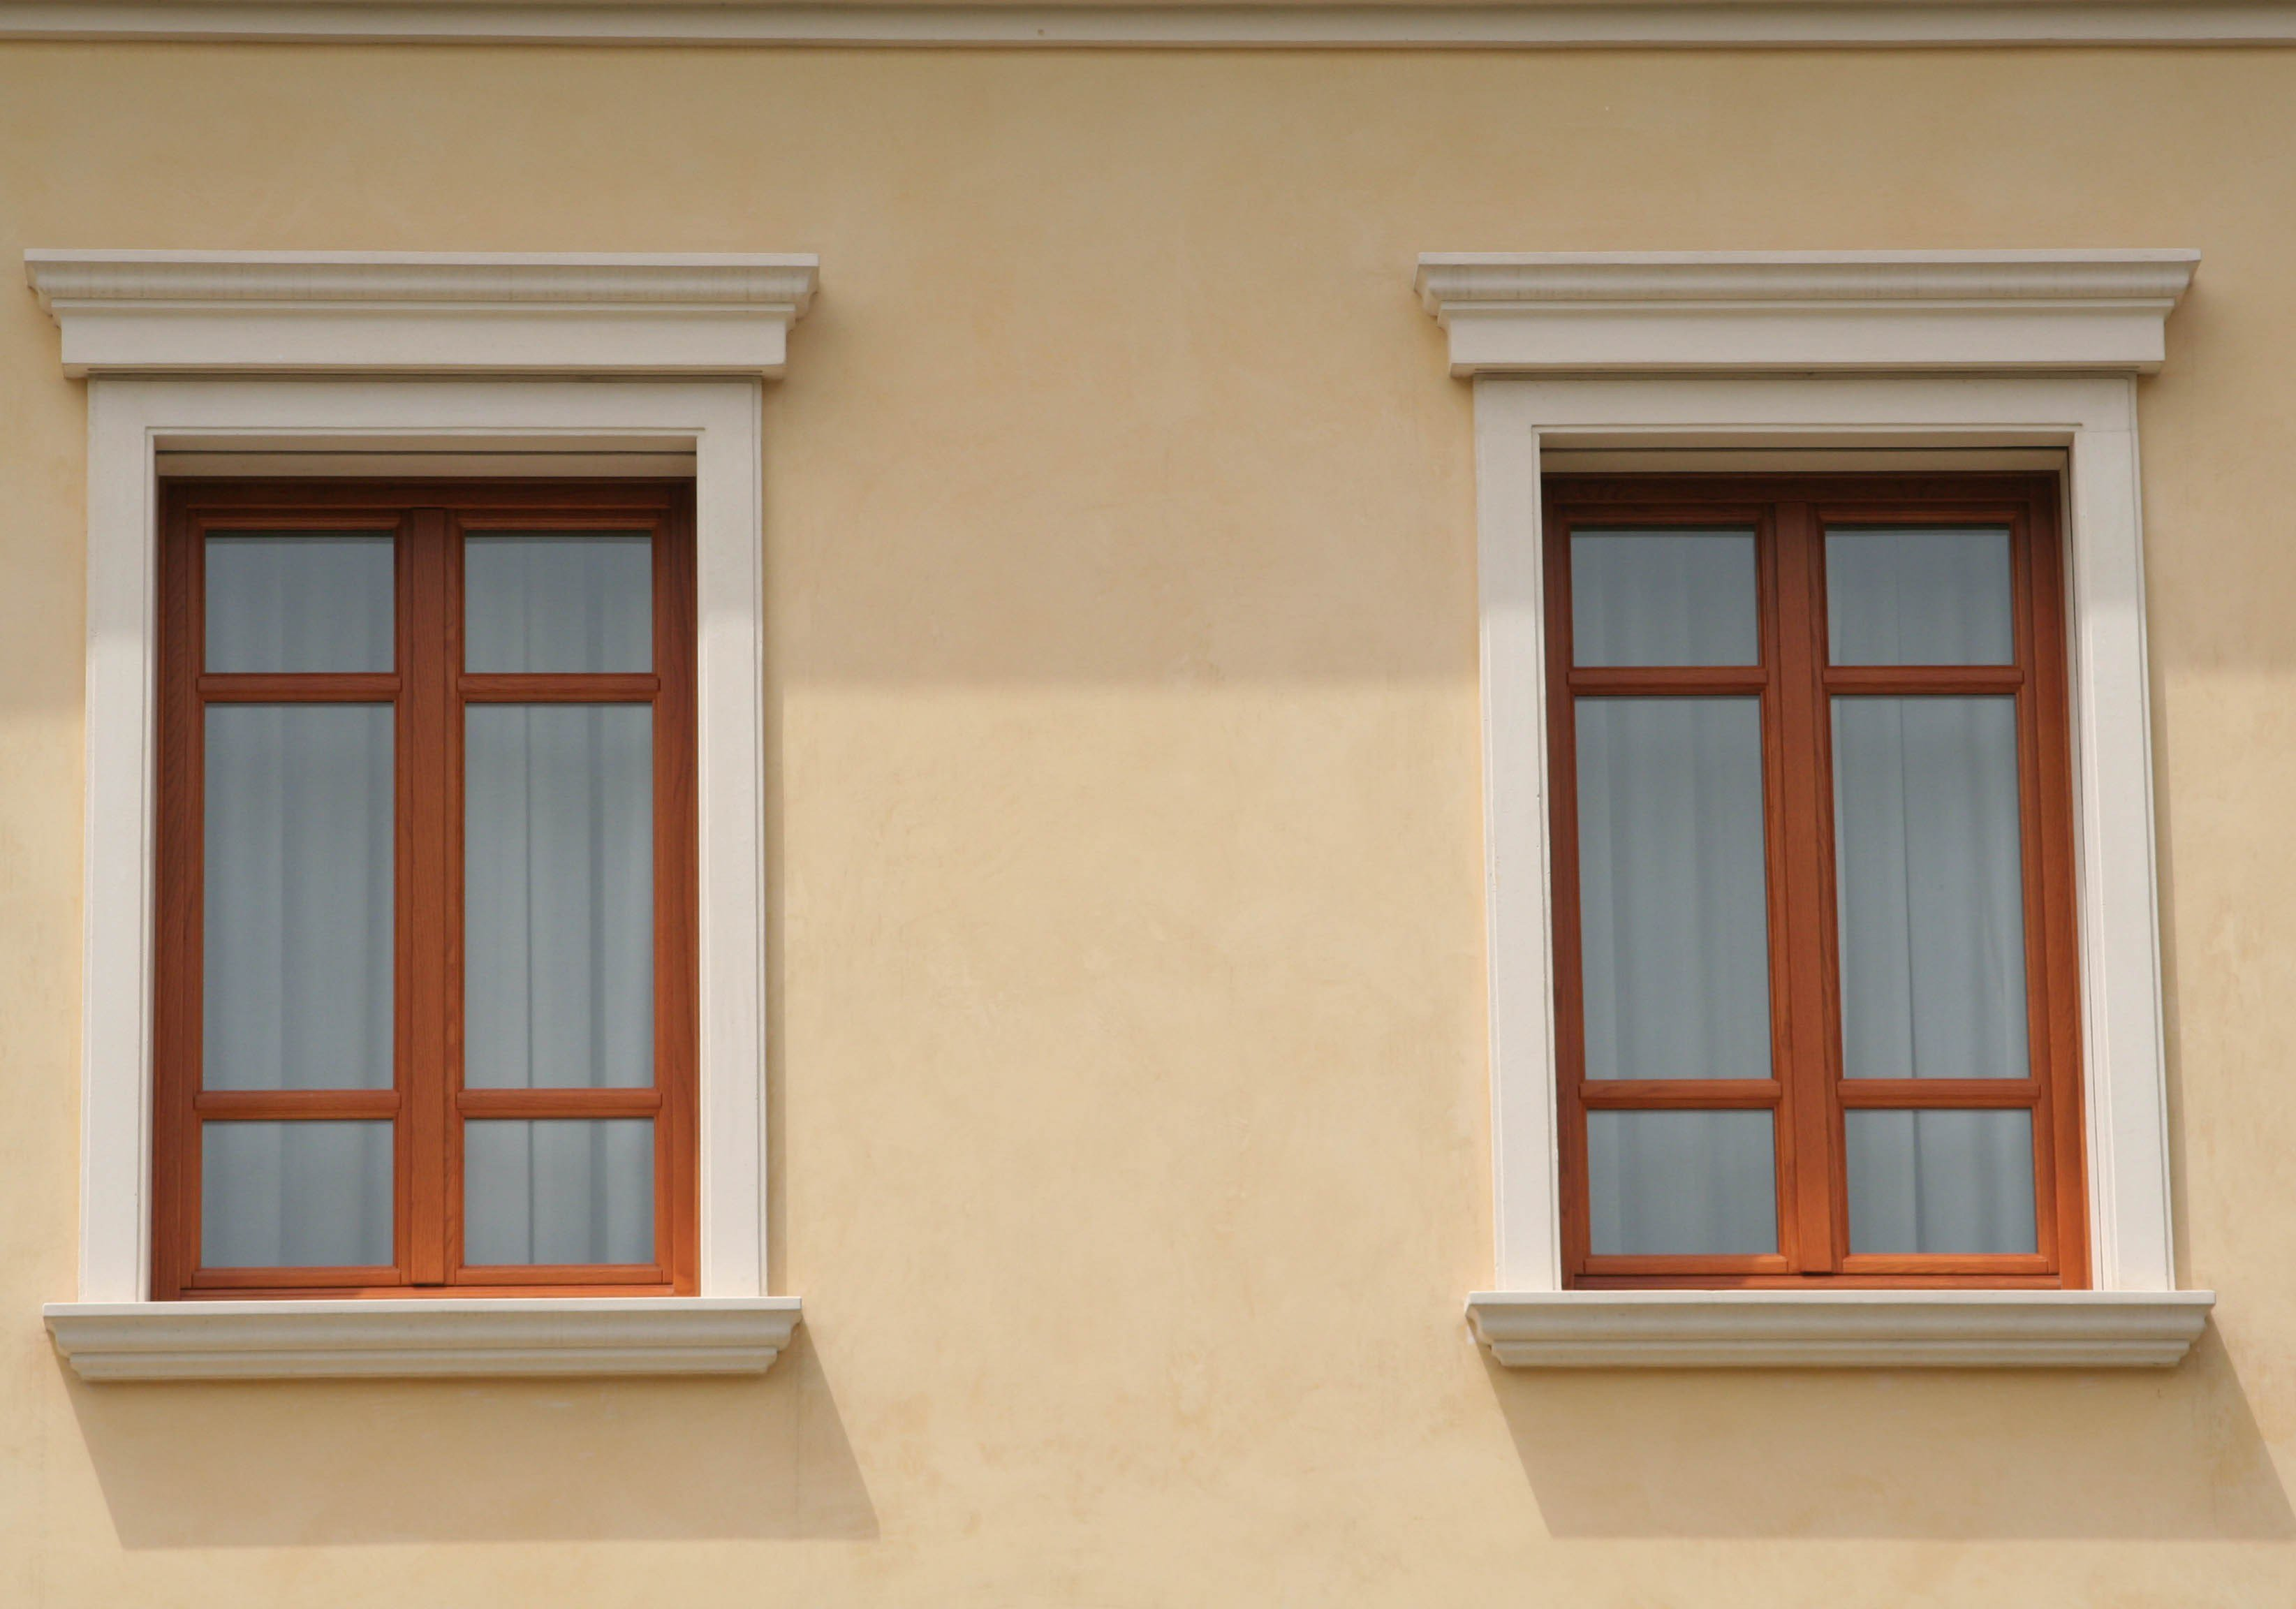 Cornici contorni per finestre by eleni - Imbotti in alluminio per finestre ...